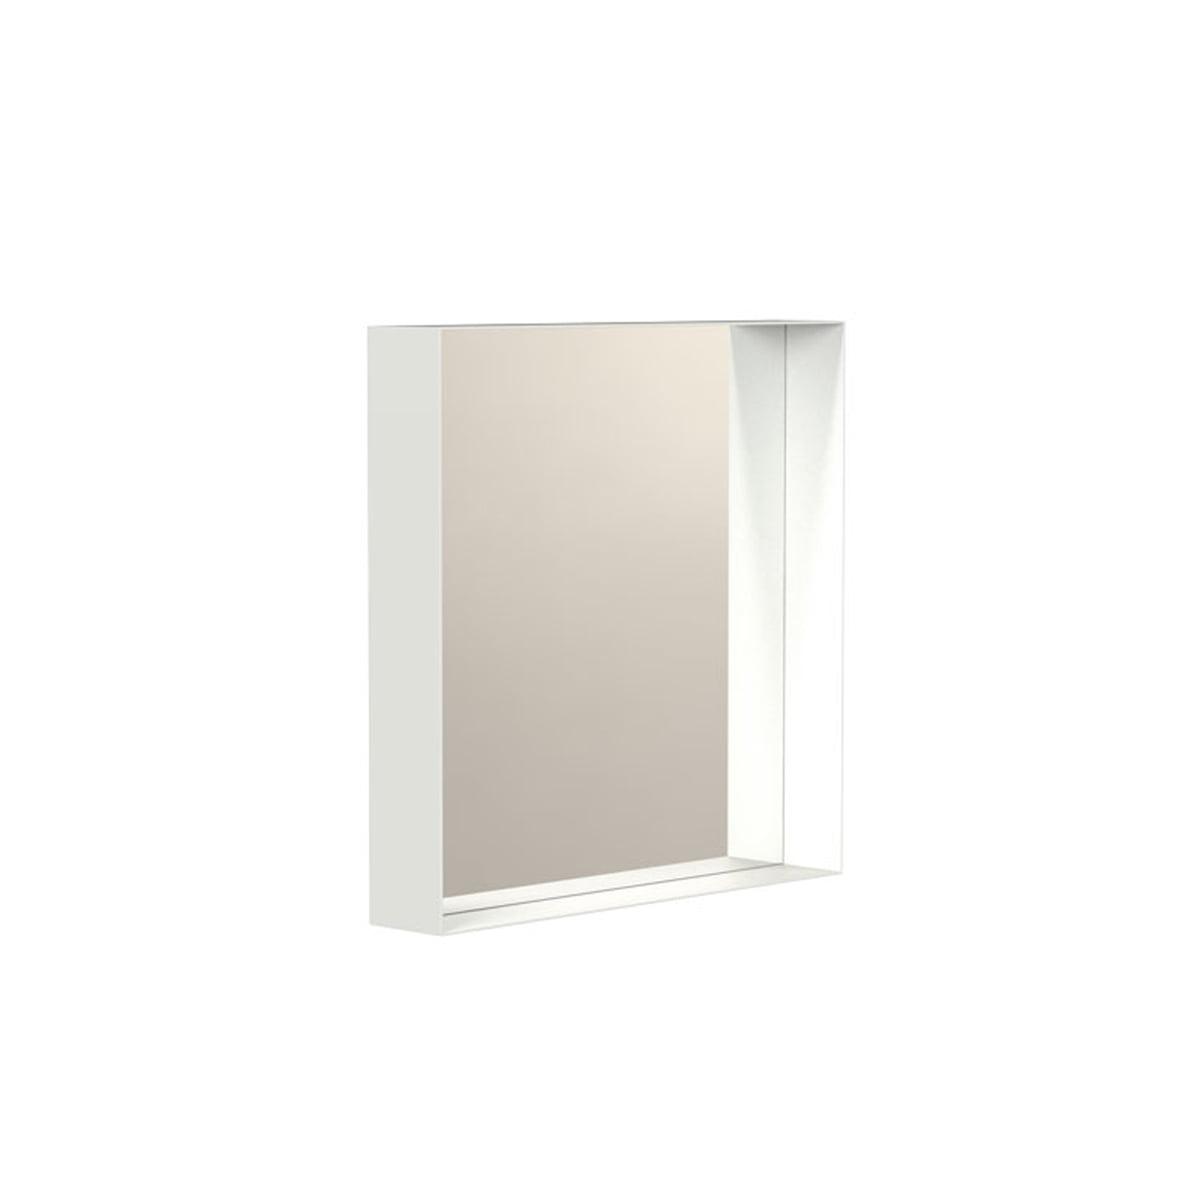 Unu Wandspiegel mit Rahmen von Frost | Connox